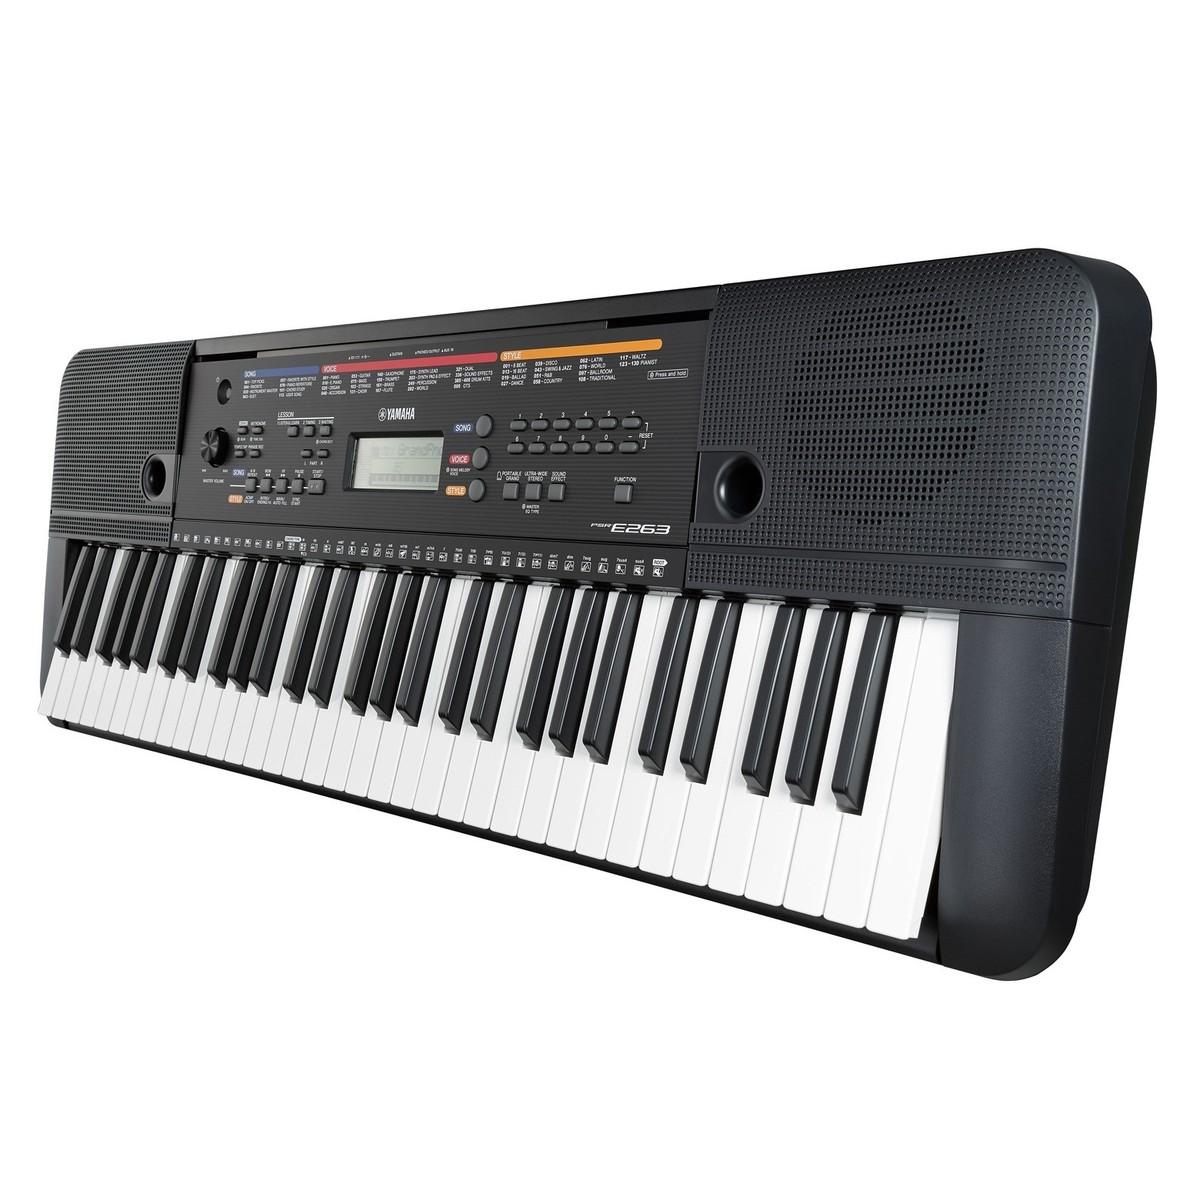 yamaha psr e263 portable keyboard black at. Black Bedroom Furniture Sets. Home Design Ideas